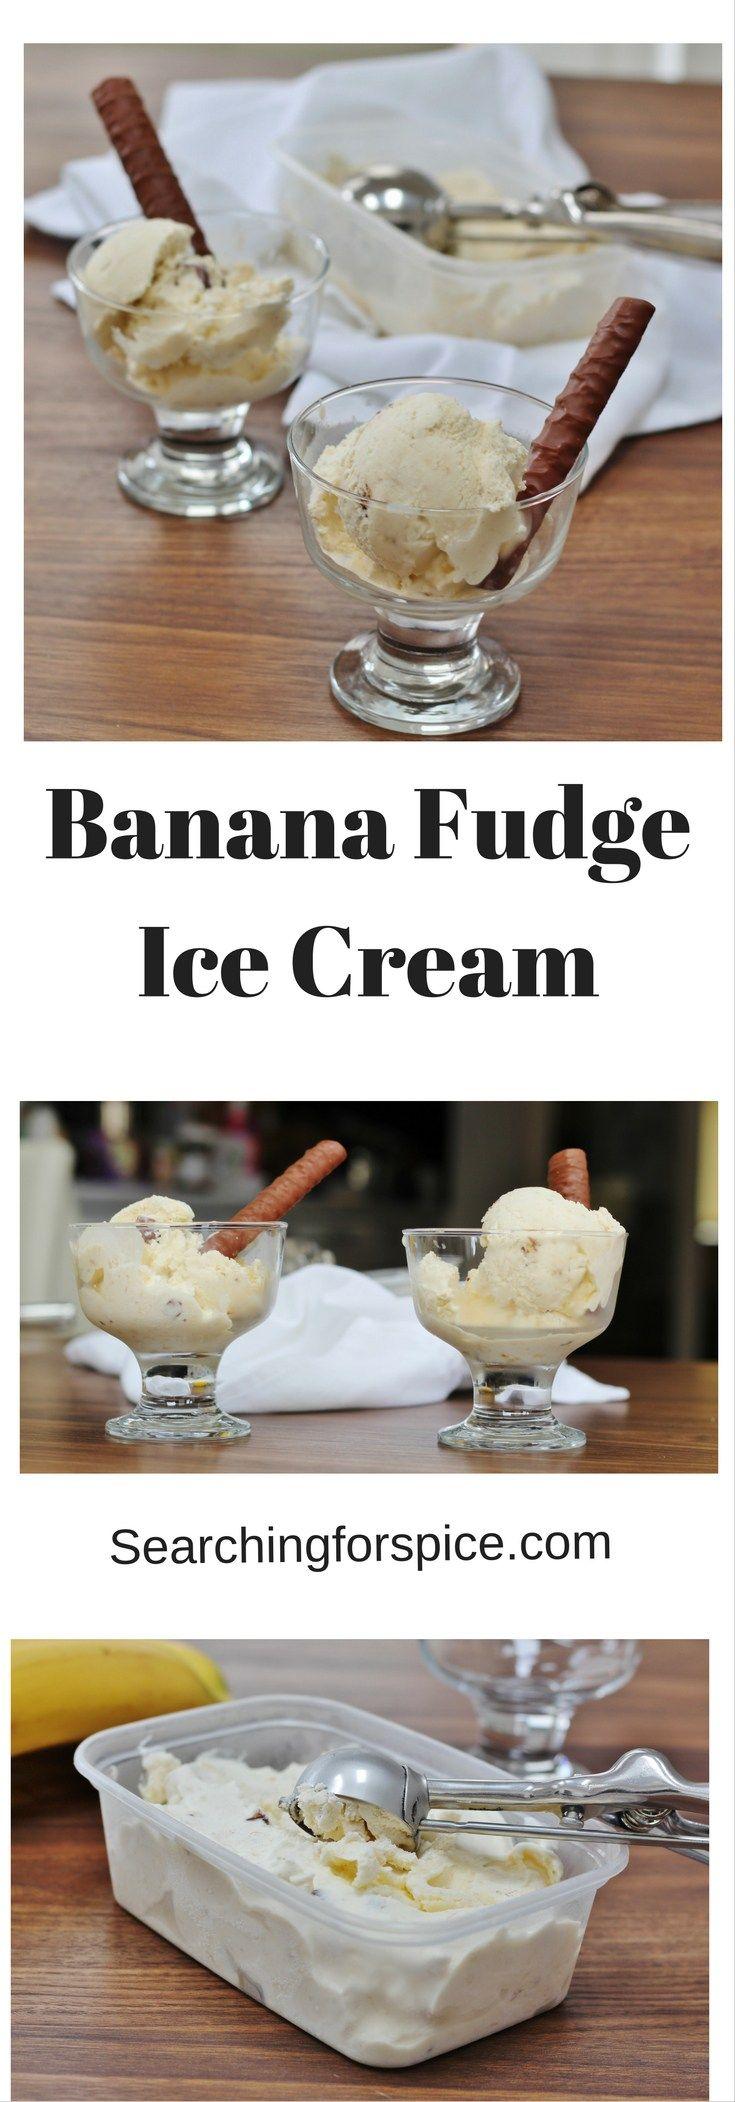 Banana Fudge Ice Cream!!!